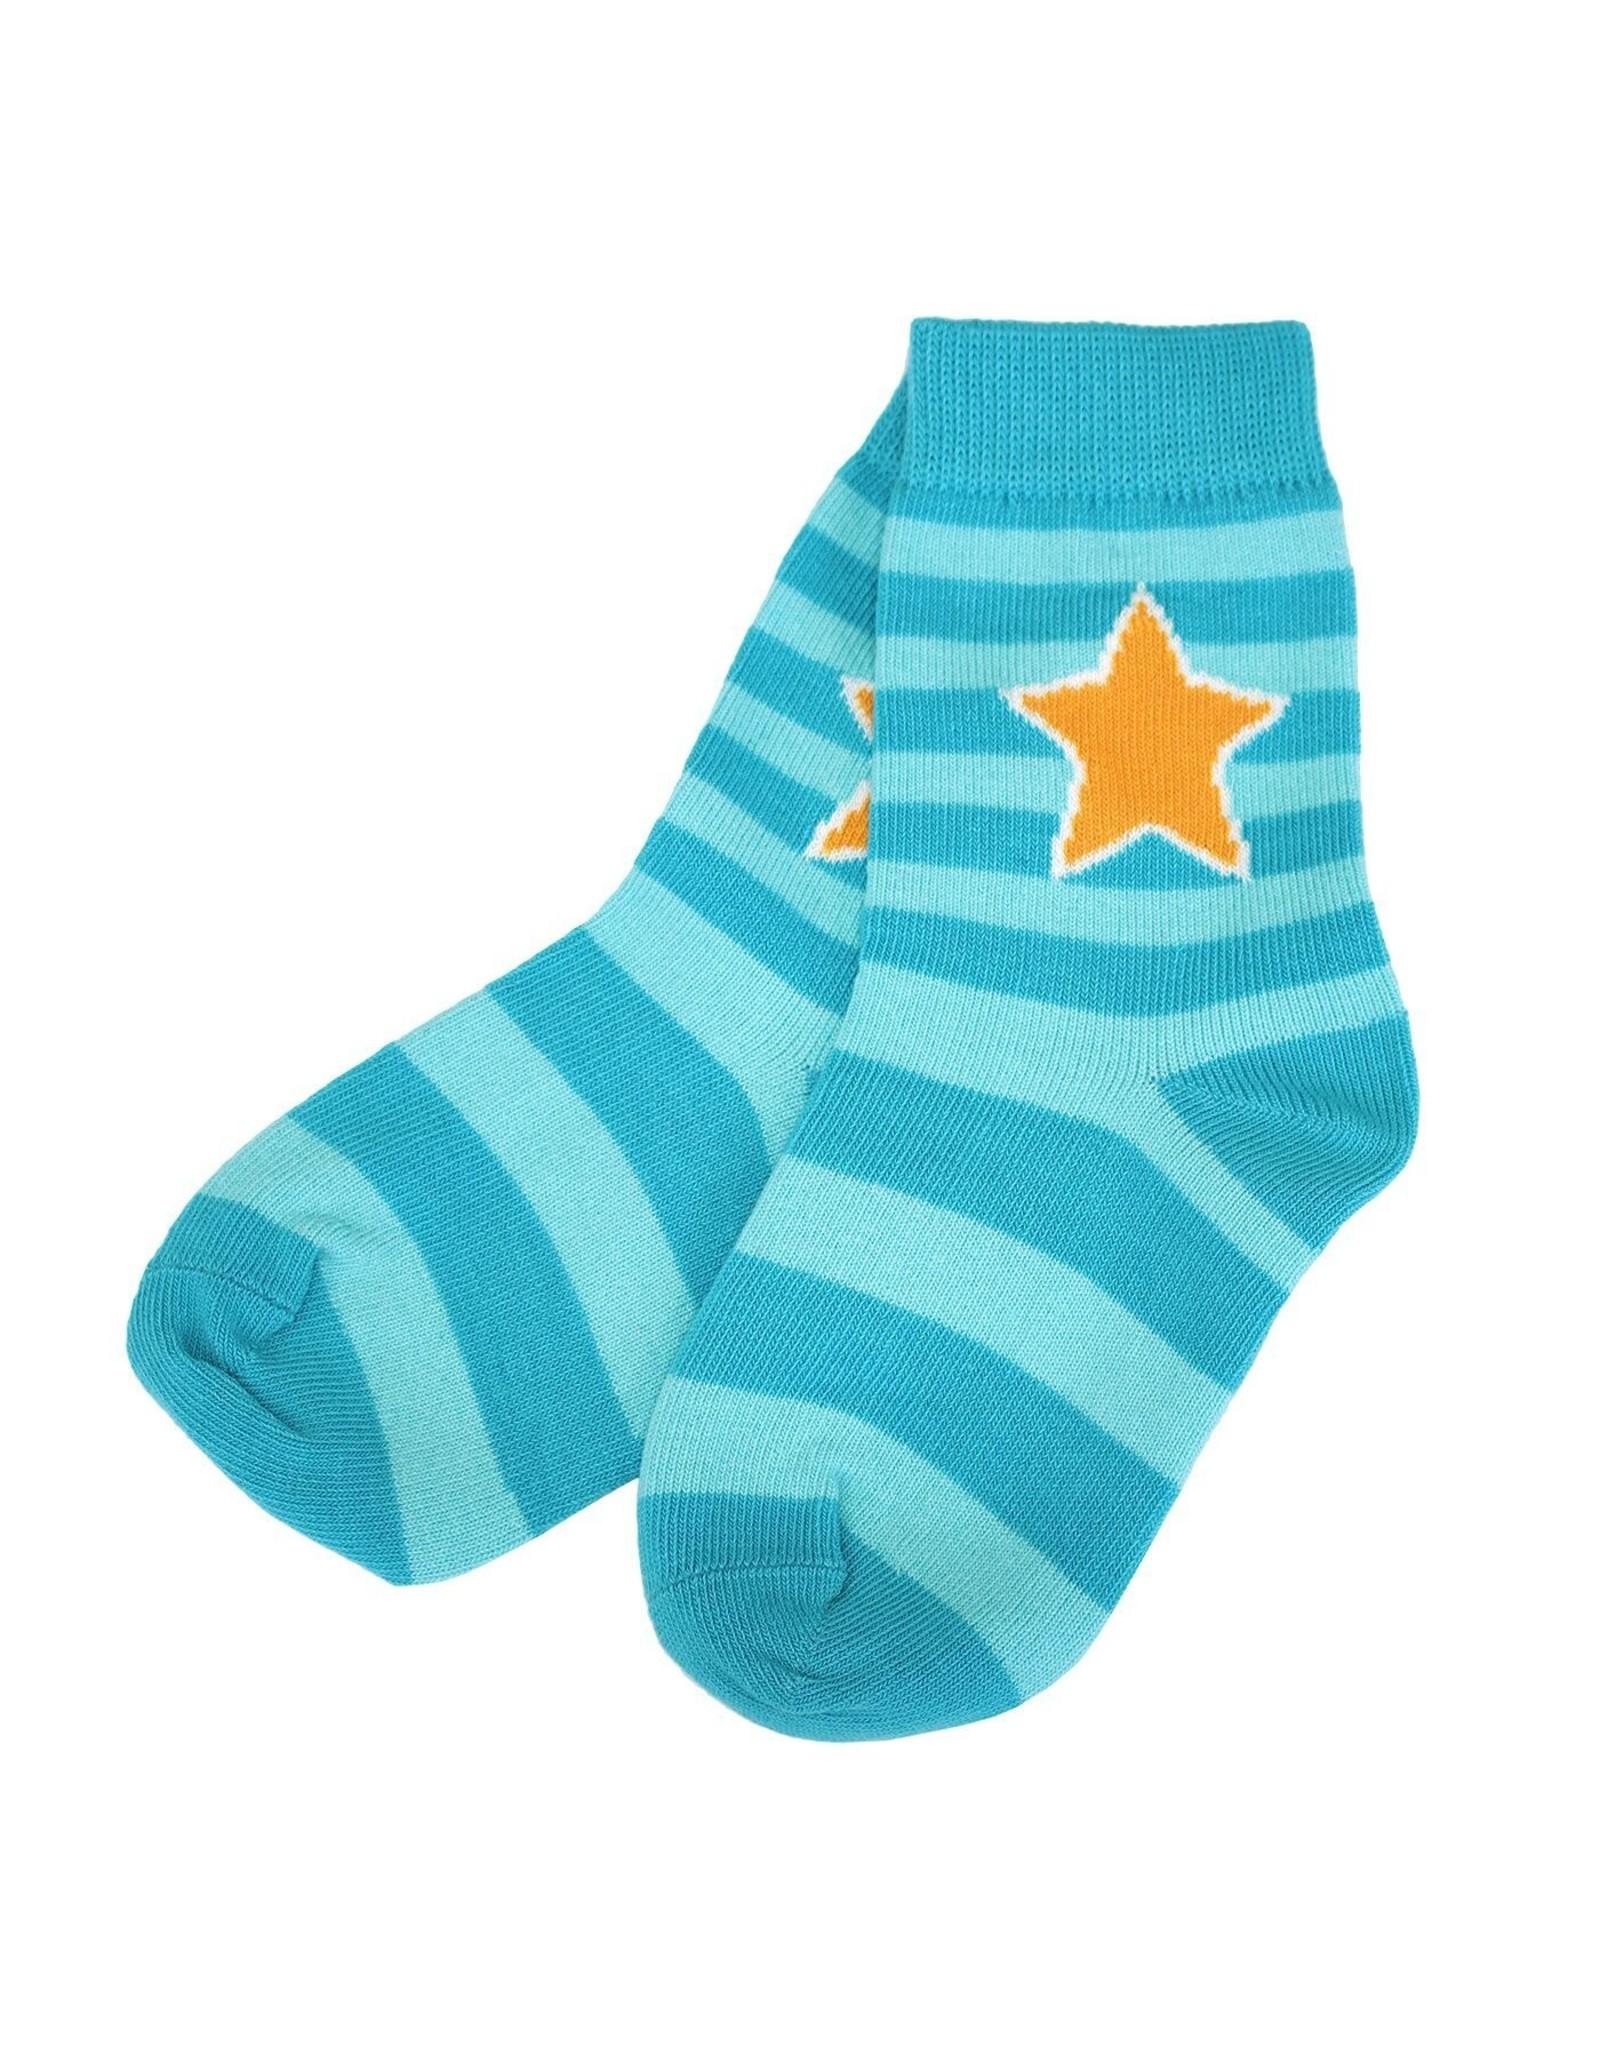 Villervalla Grijze, blauwe, paarse OF groene gestreepte sokken van Villervalla